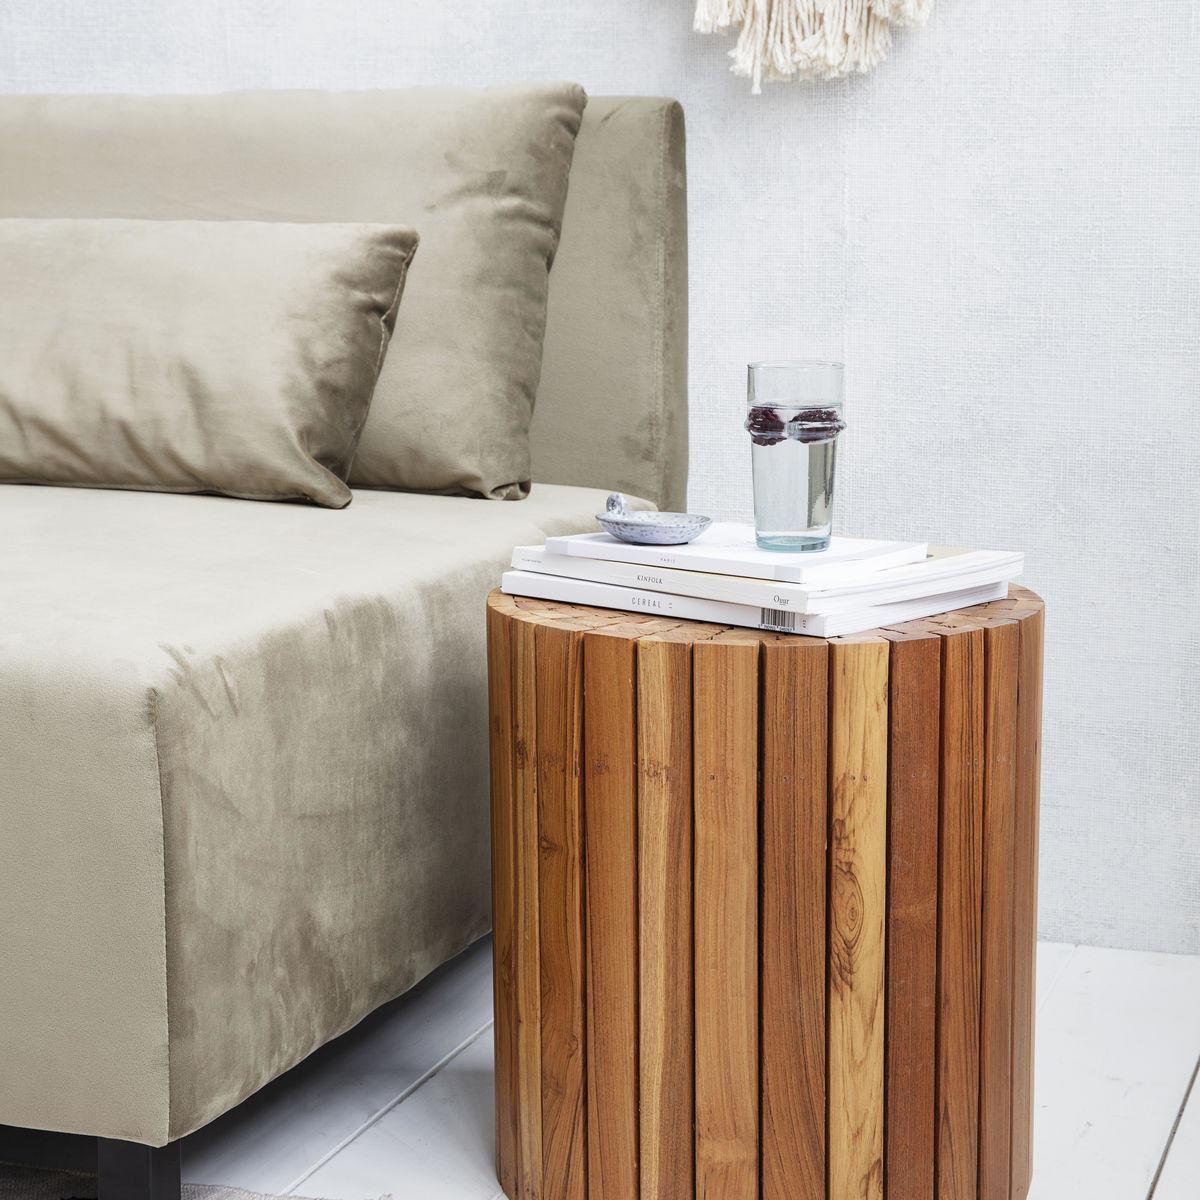 House Doctor Dřevěný stolek Teaky Nature, přírodní barva, dřevo